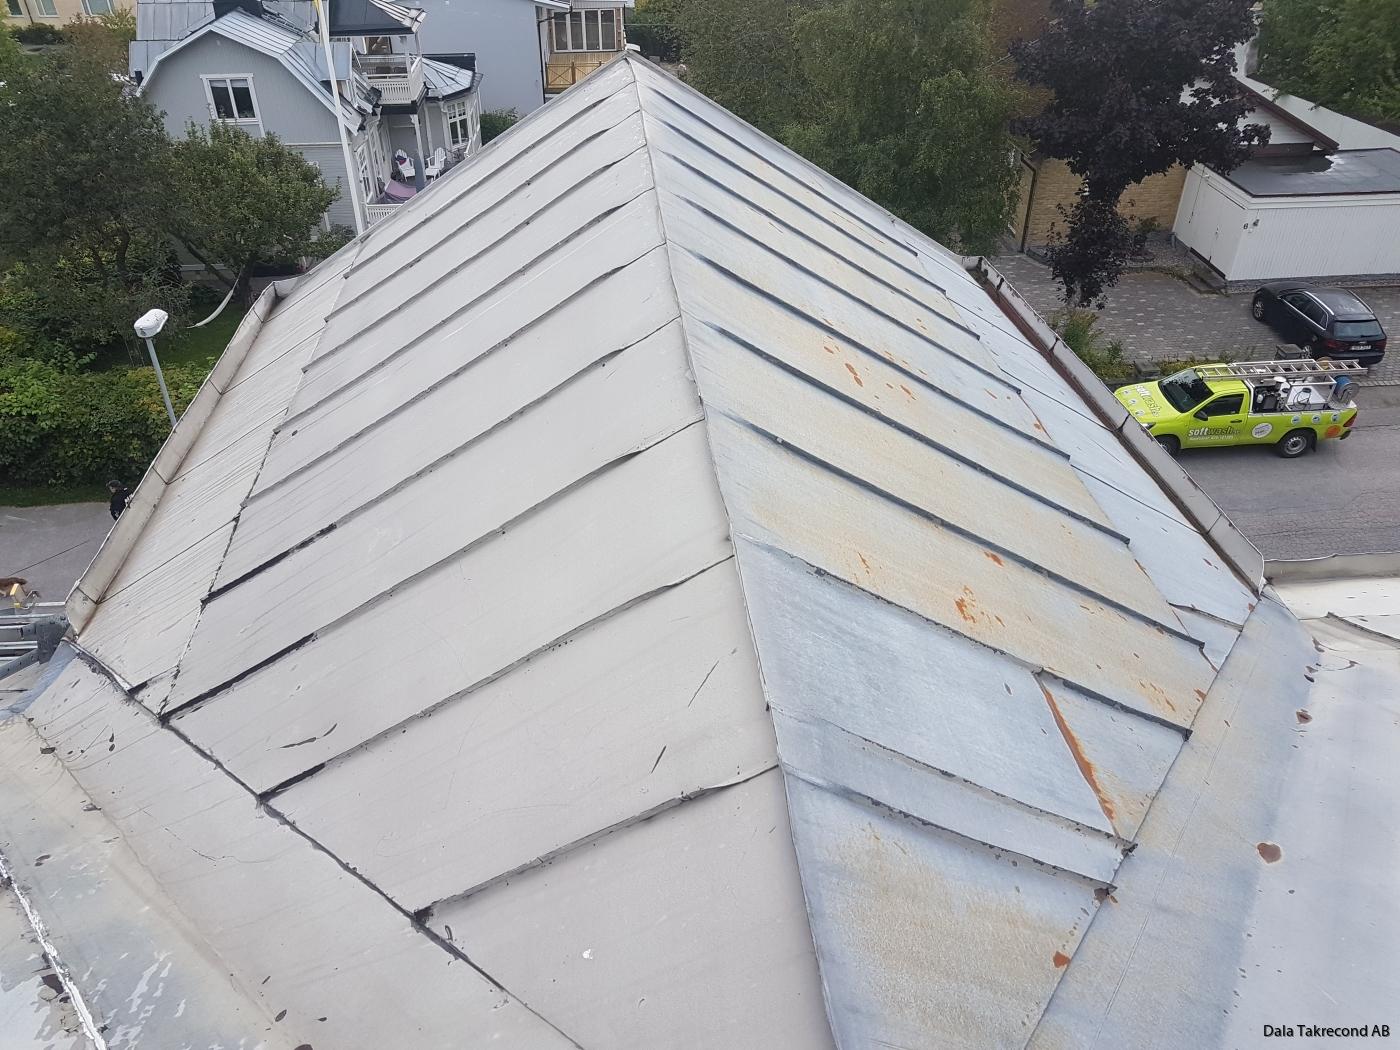 Målning plåt tak bostadsrättsförening i Södertälje. bd63206d4071d